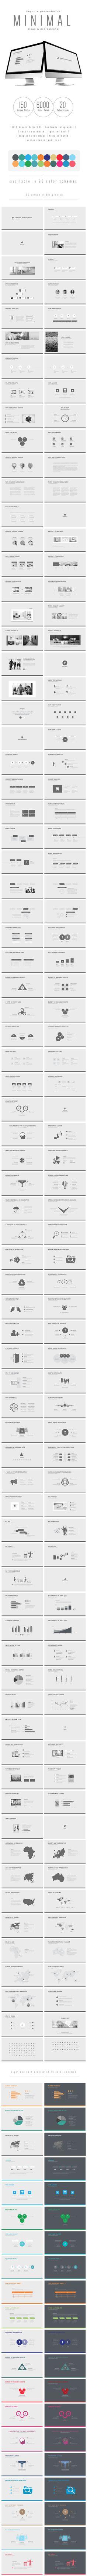 Multipurpose Keynote Presentation Template #design #slides Download: http://graphicriver.net/item/multipurpose-keynote-presentation-vol-17/13553418?ref=ksioks